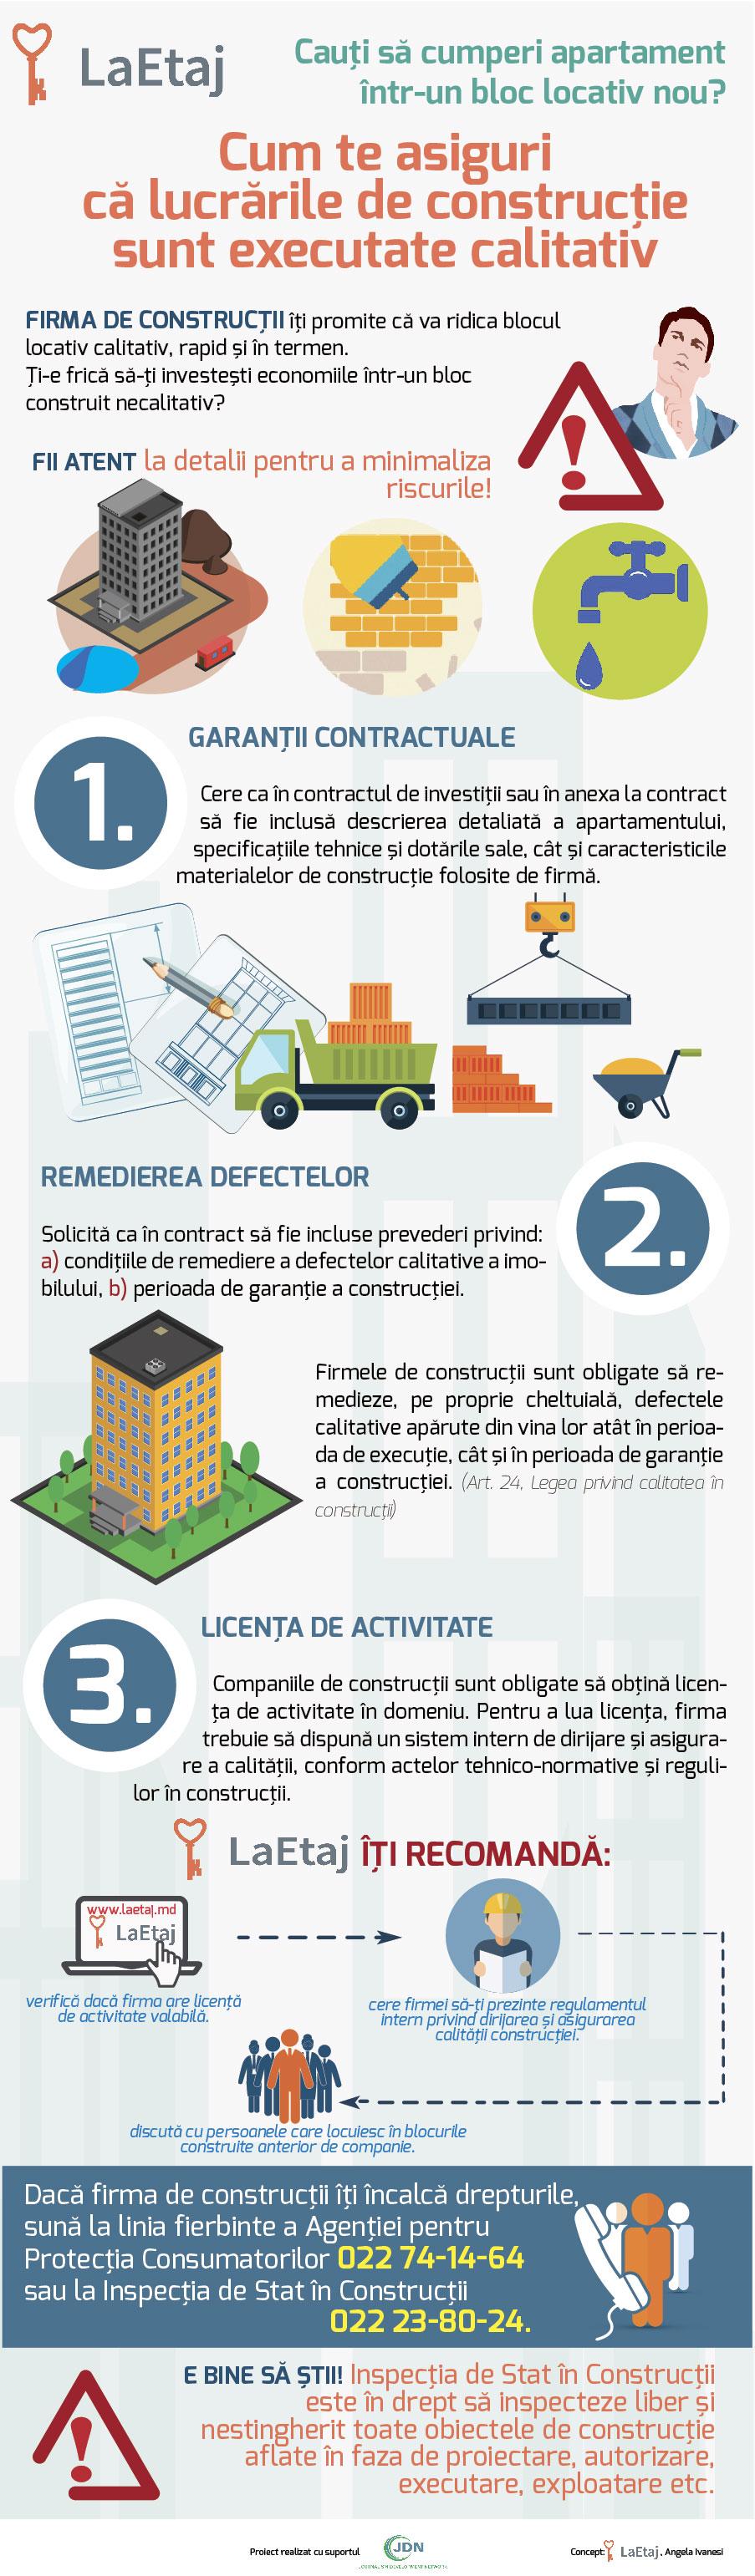 4-infografica-1-01